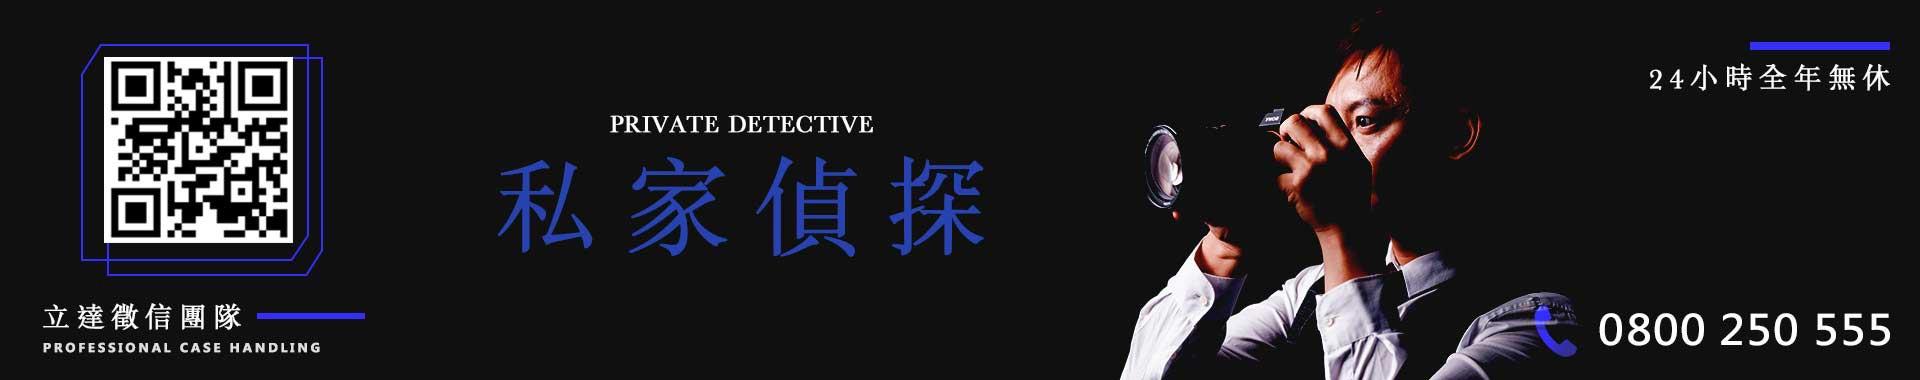 泰國私家偵探